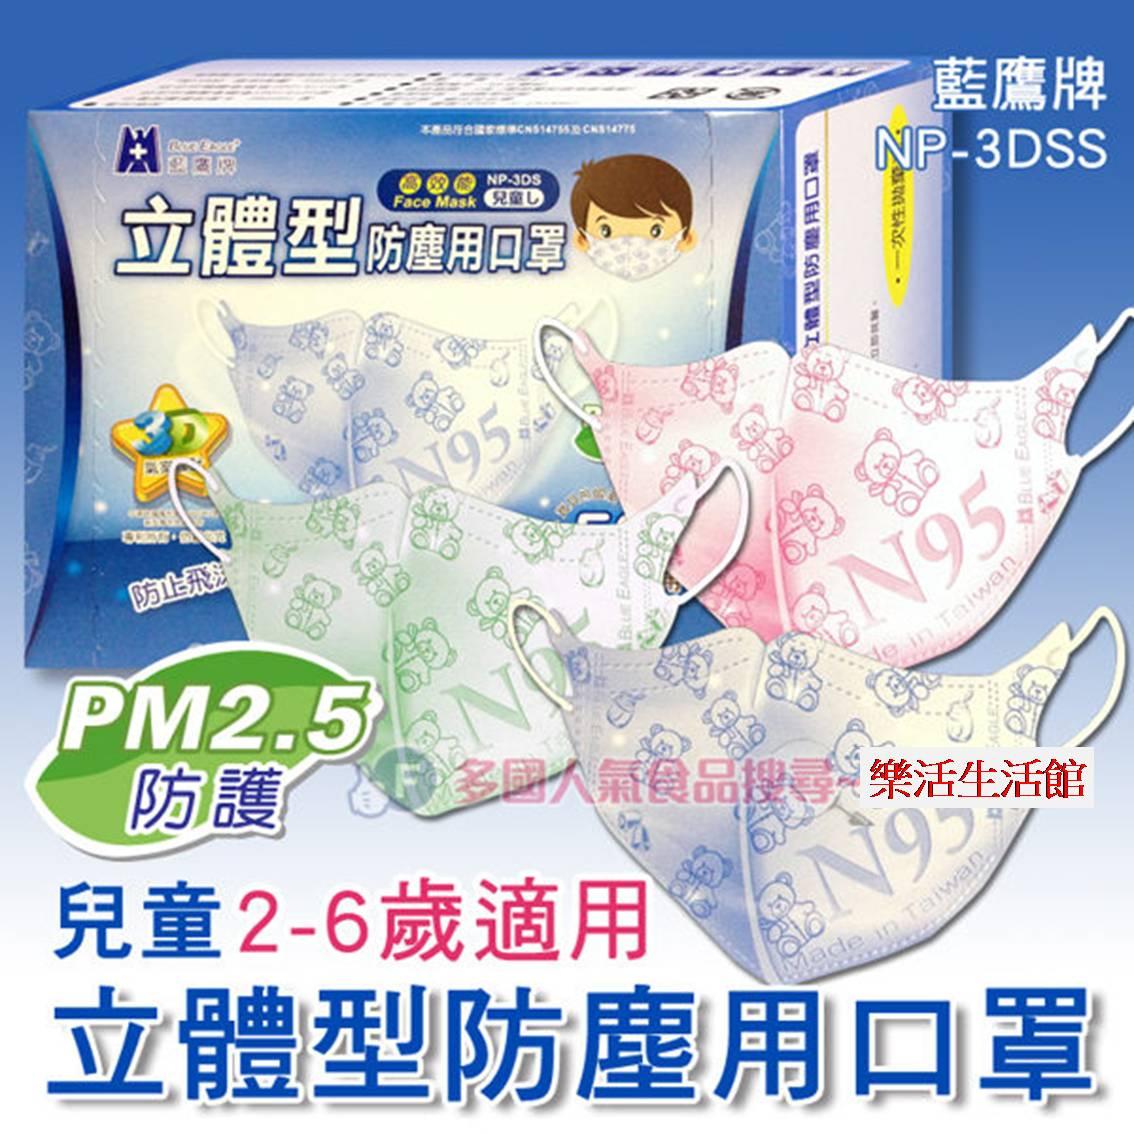 藍鷹版3D立體型防塵用口罩 防沙塵/粉塵/花粉/塵螨 (2-6兒童用)  粉色  樂活生活館